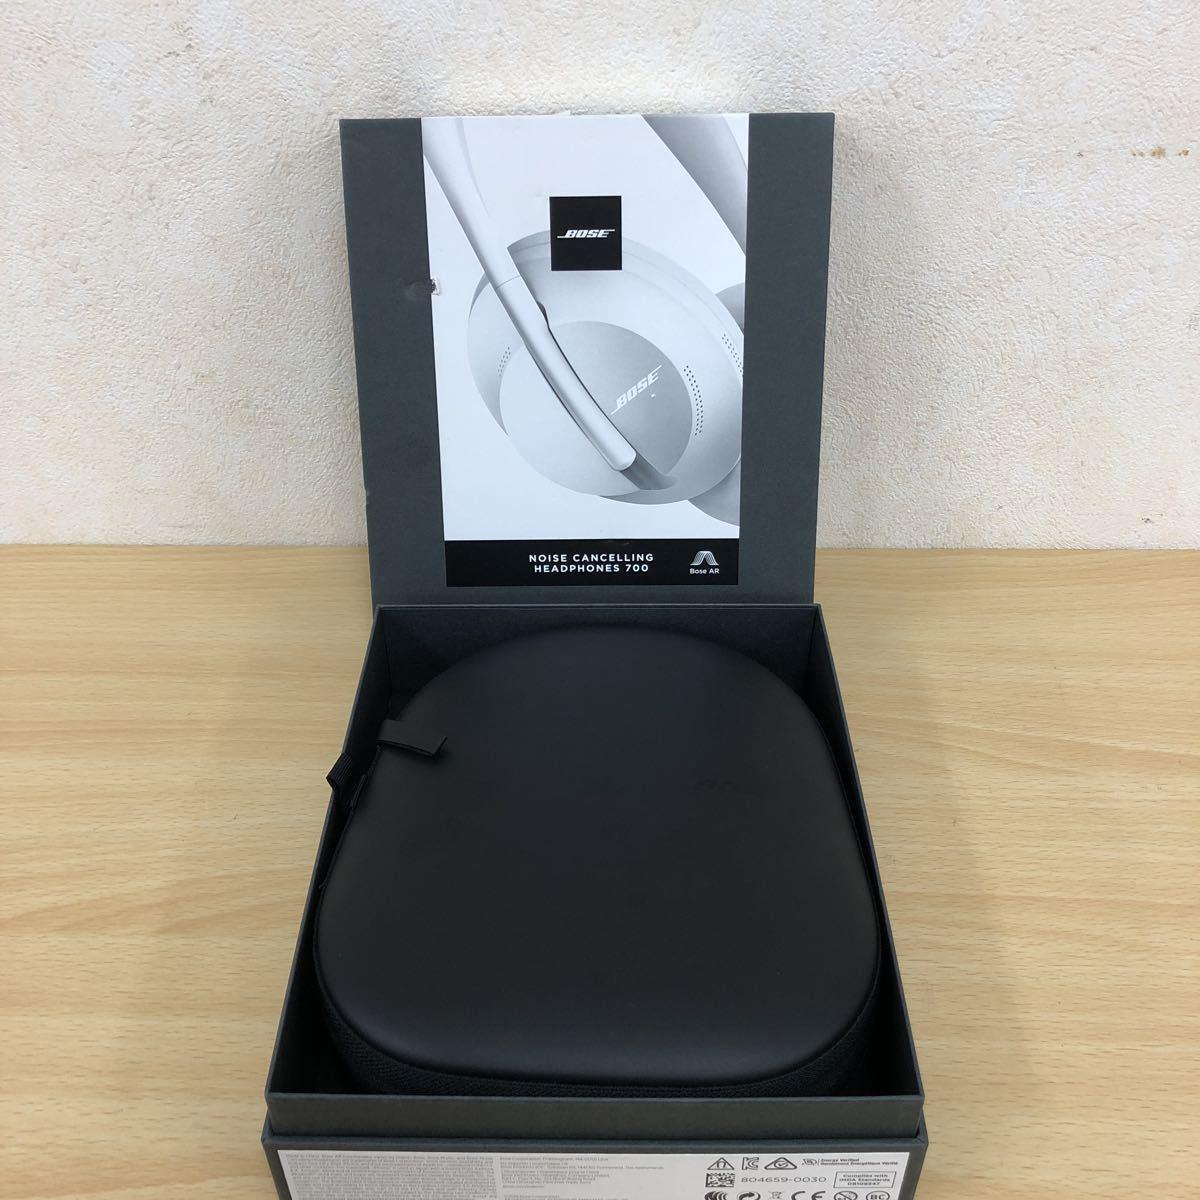 1円~ 新古品 BOSE NOISE CANCELLING HEDPHONES 700 HDPHS 700 シルバー ノイズ キャンセリング ヘッドホン ポーズ